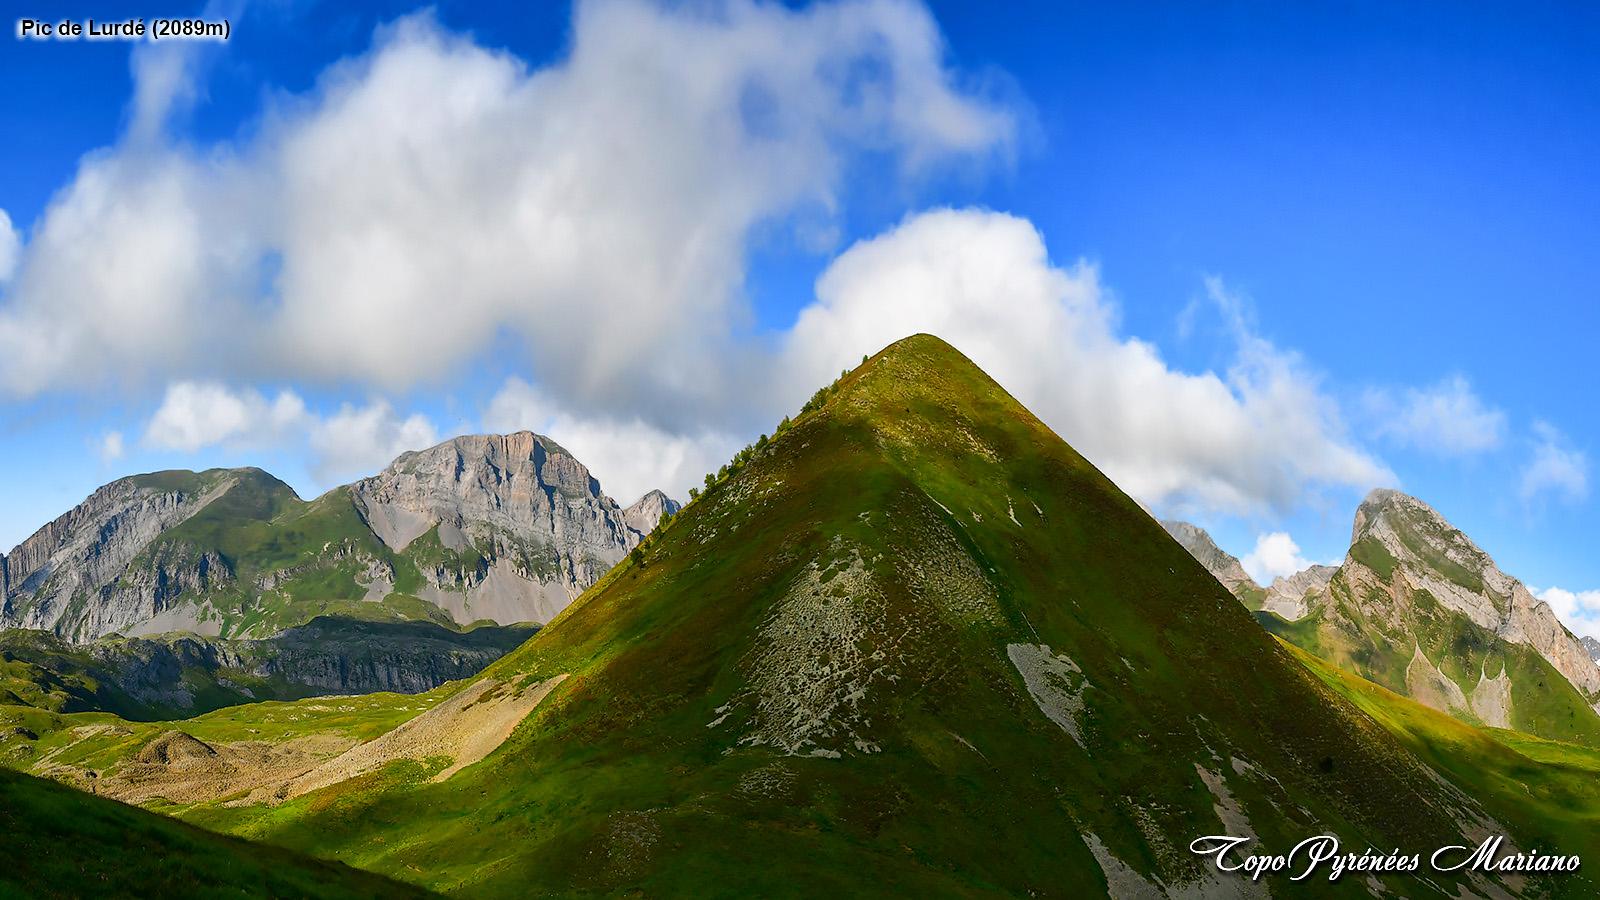 Randonnée au col et Pic de Lurdé (2089m)